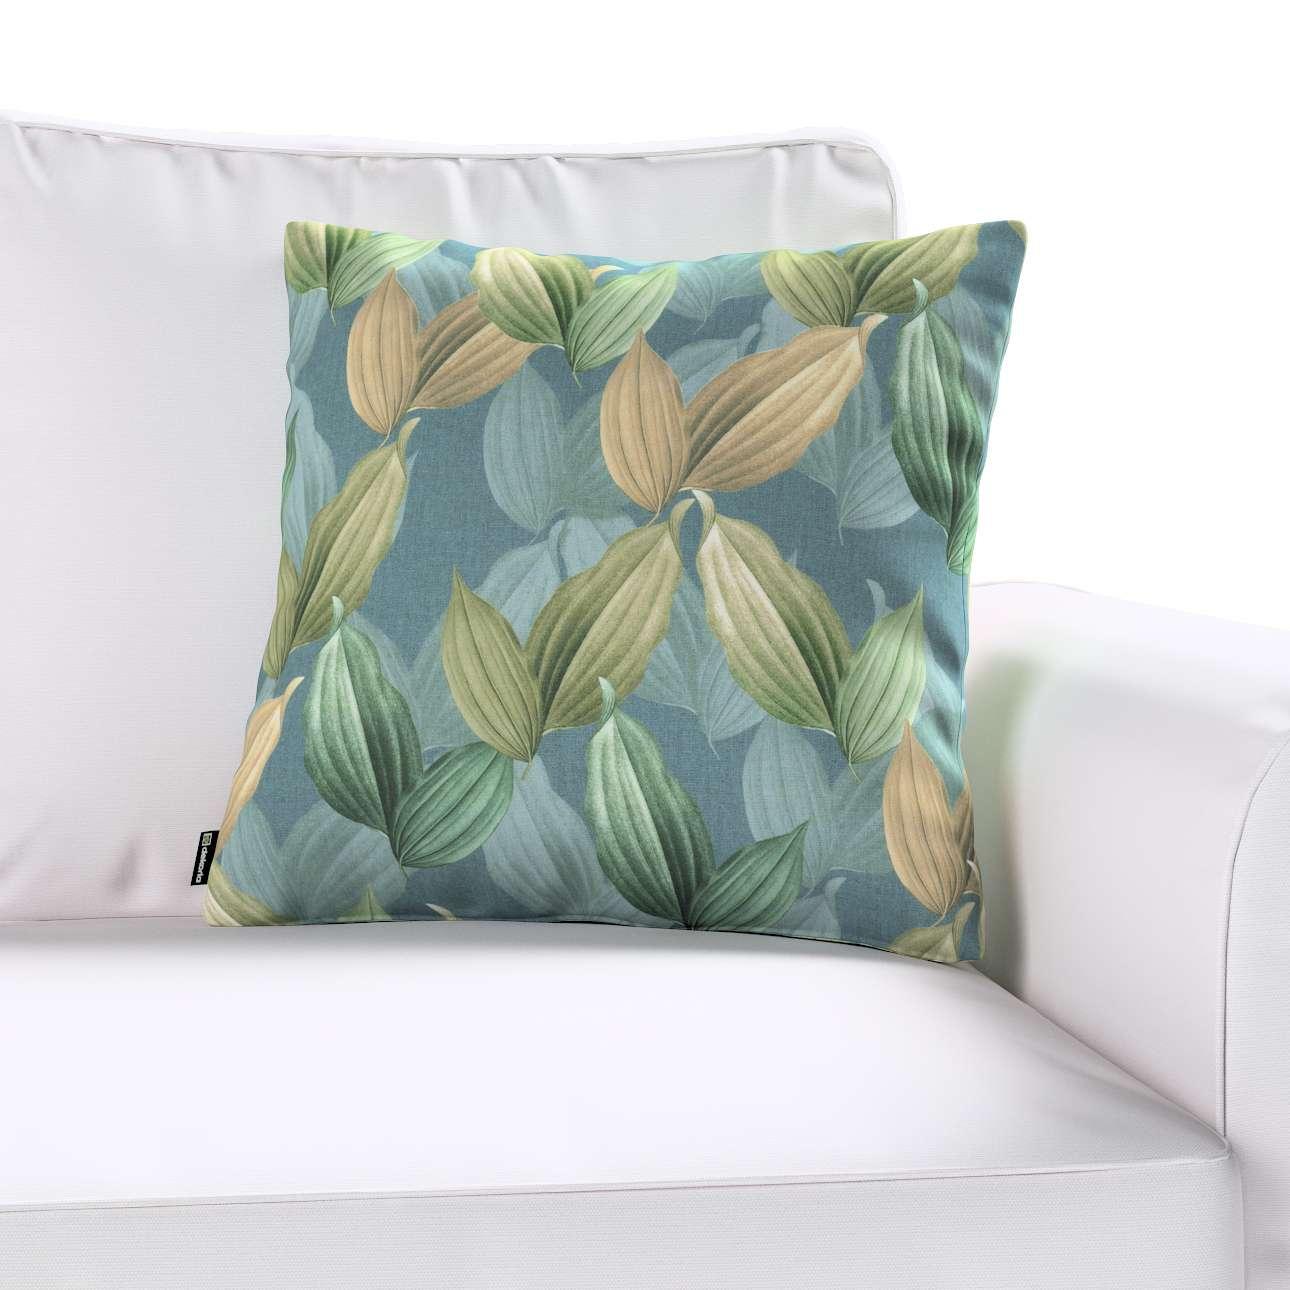 Poszewka Kinga na poduszkę w kolekcji Abigail, tkanina: 143-20